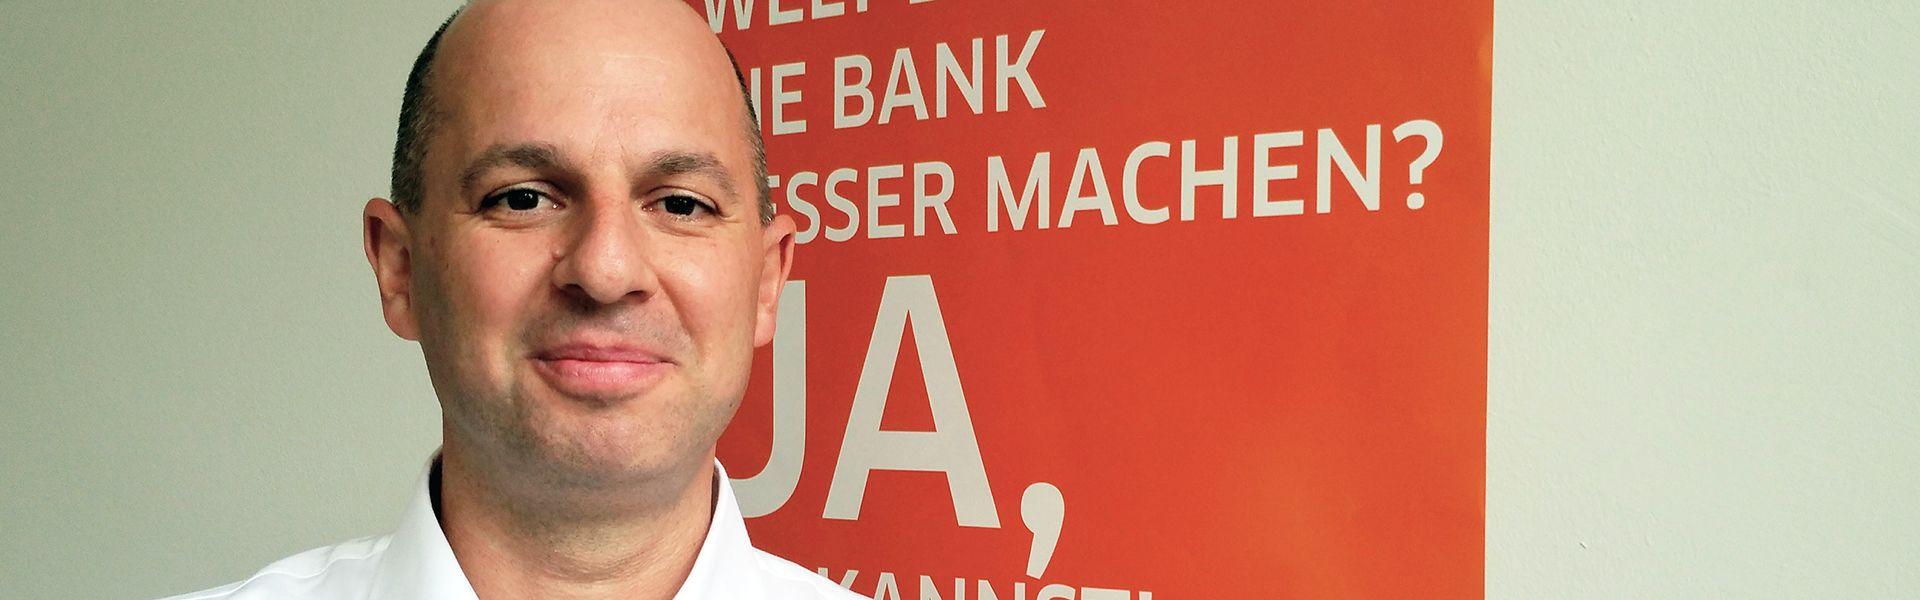 Ronald Hechenberger BfG Crowdfunding für Gemeinwohl